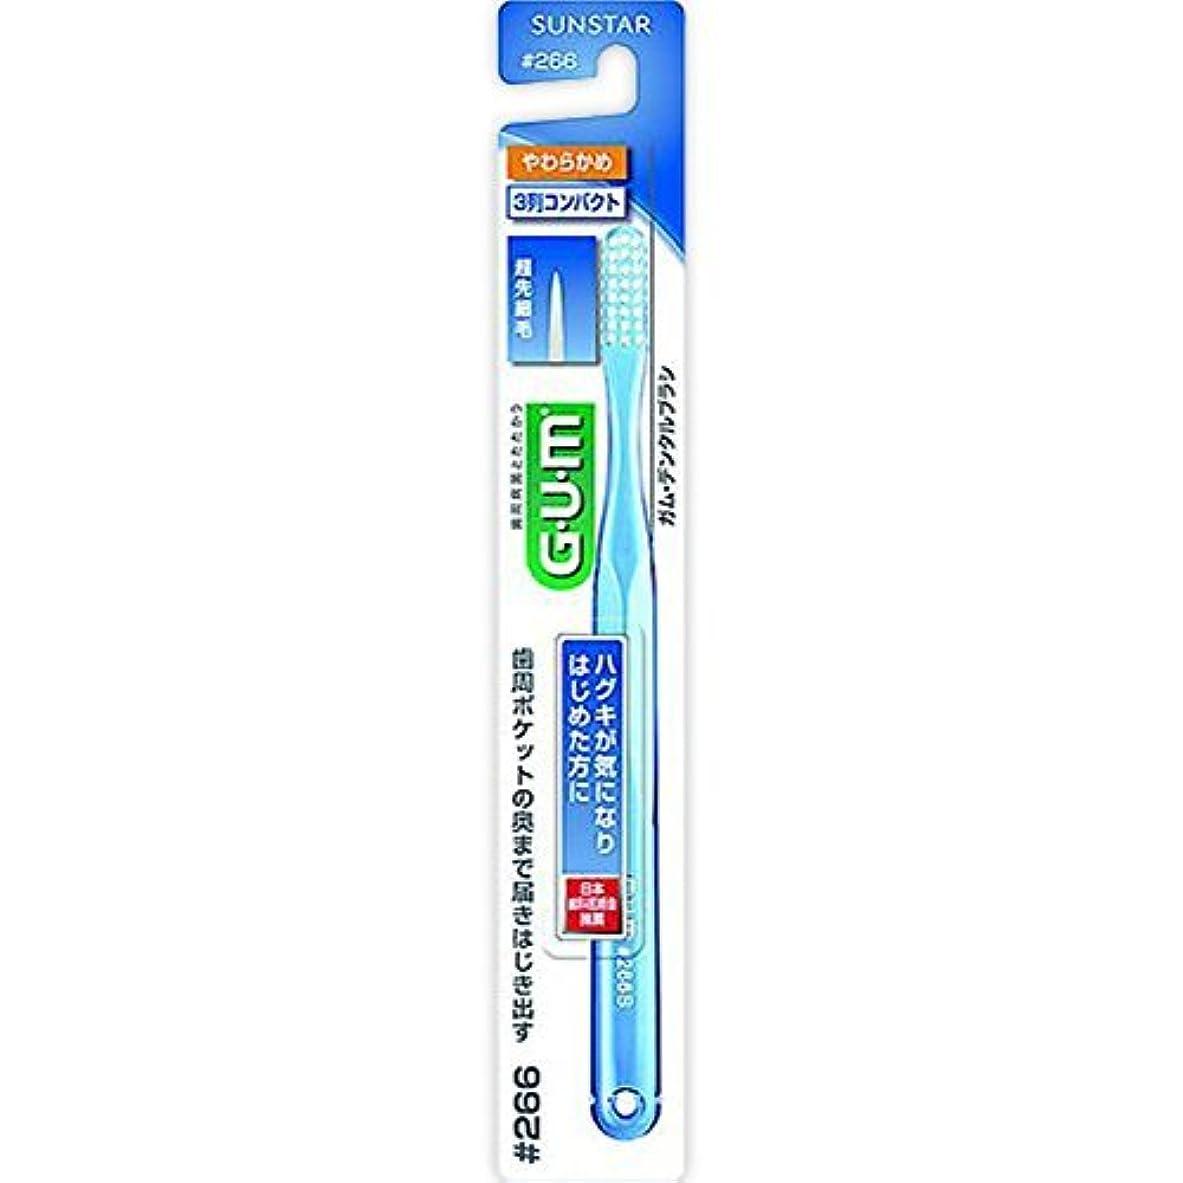 繁栄部分行く【まとめ買い】GUM デンタルブラシ コンパクトヘッド ウルトラソフト #266 ×2セット